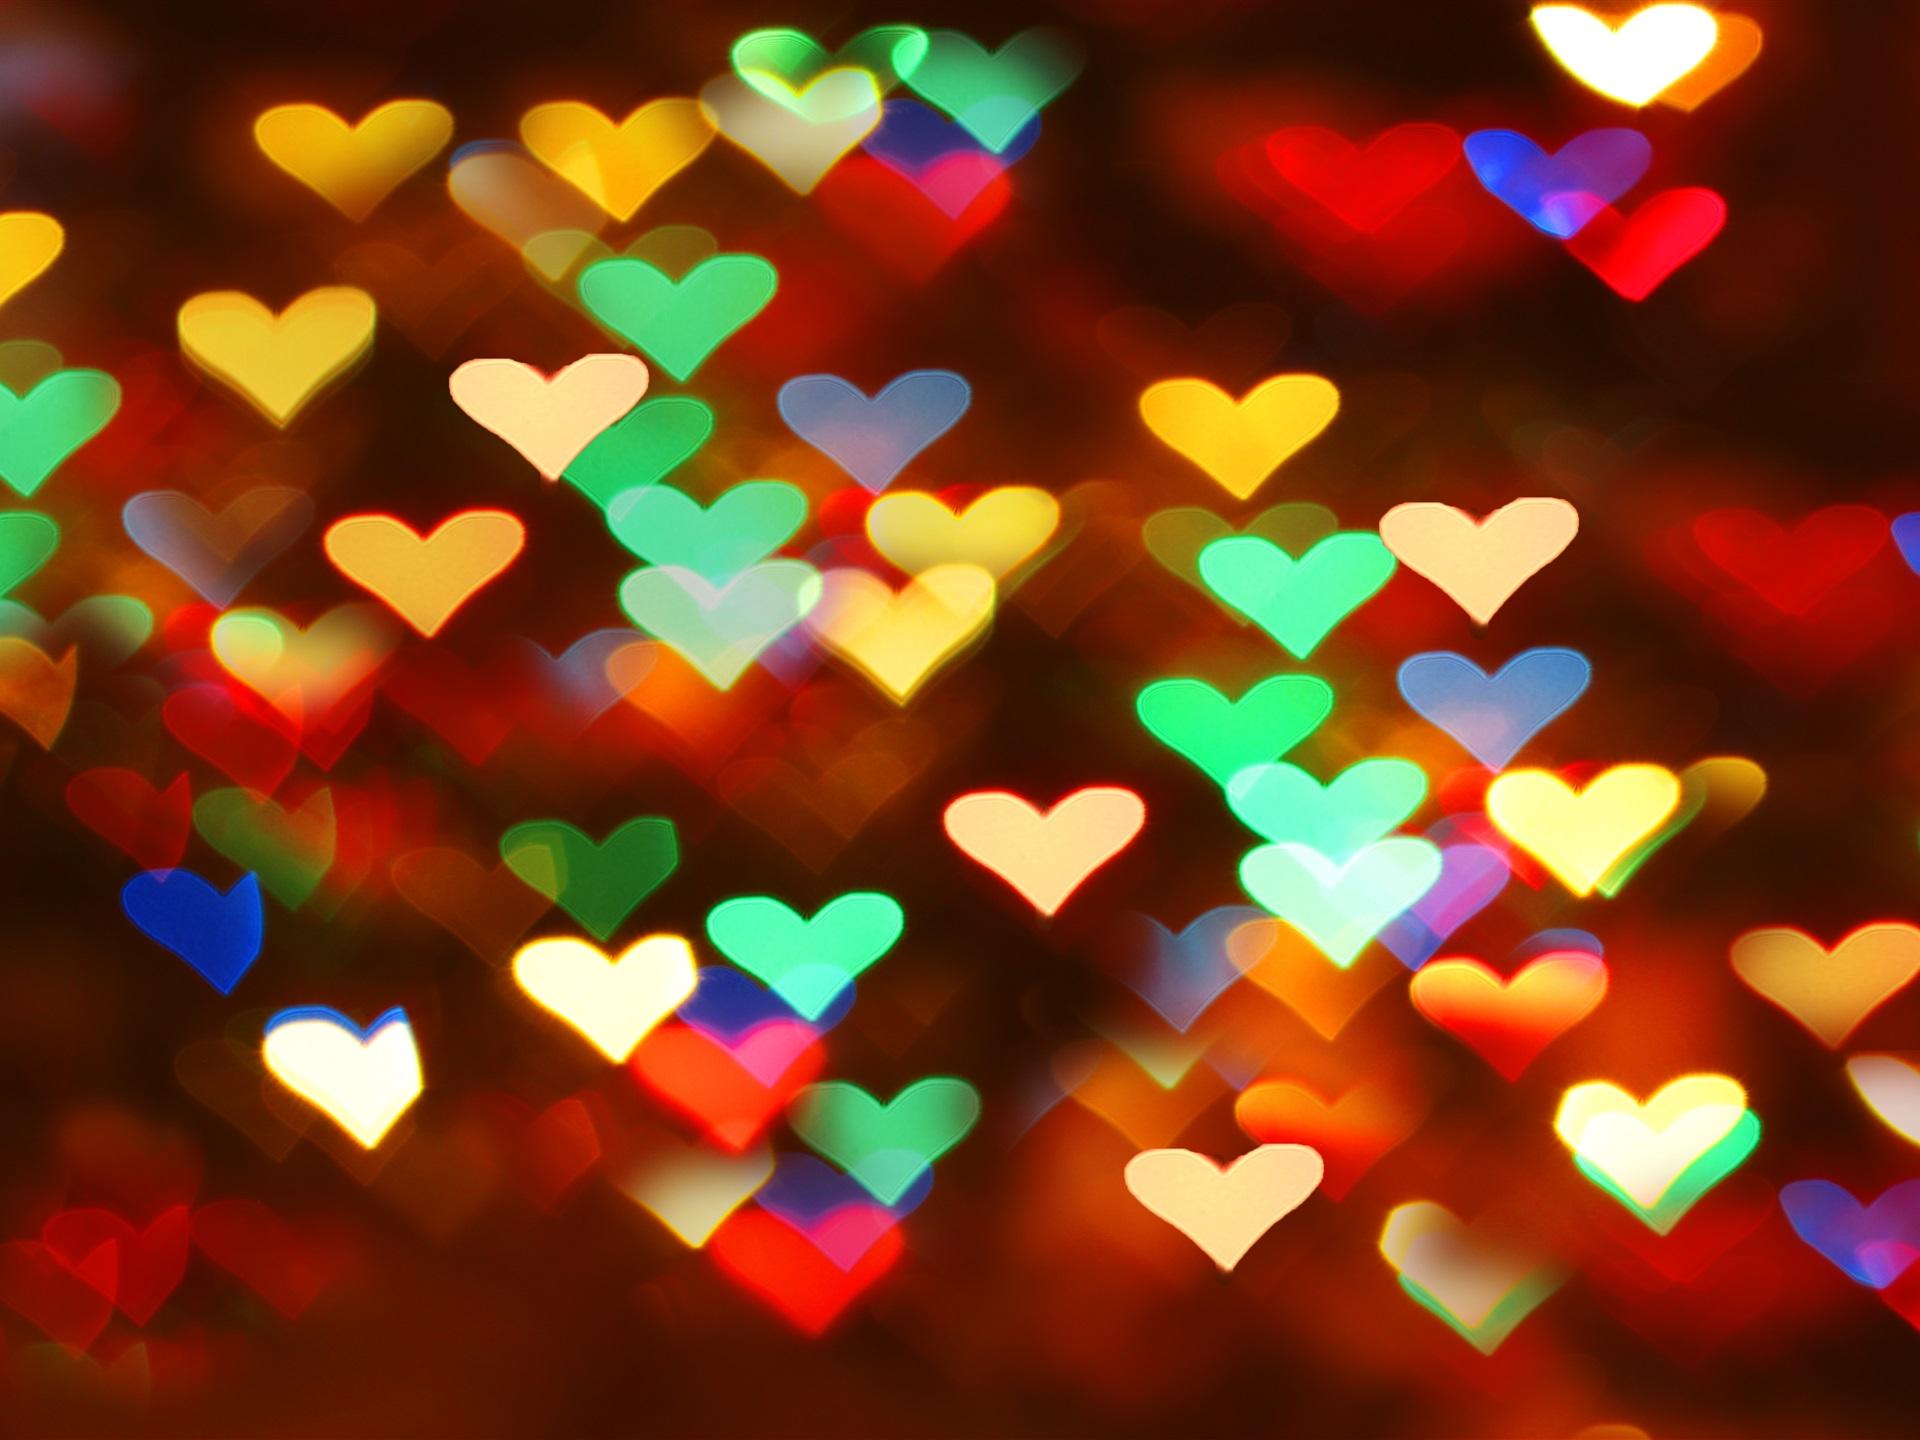 картинки много много сердечек фото обойдусь